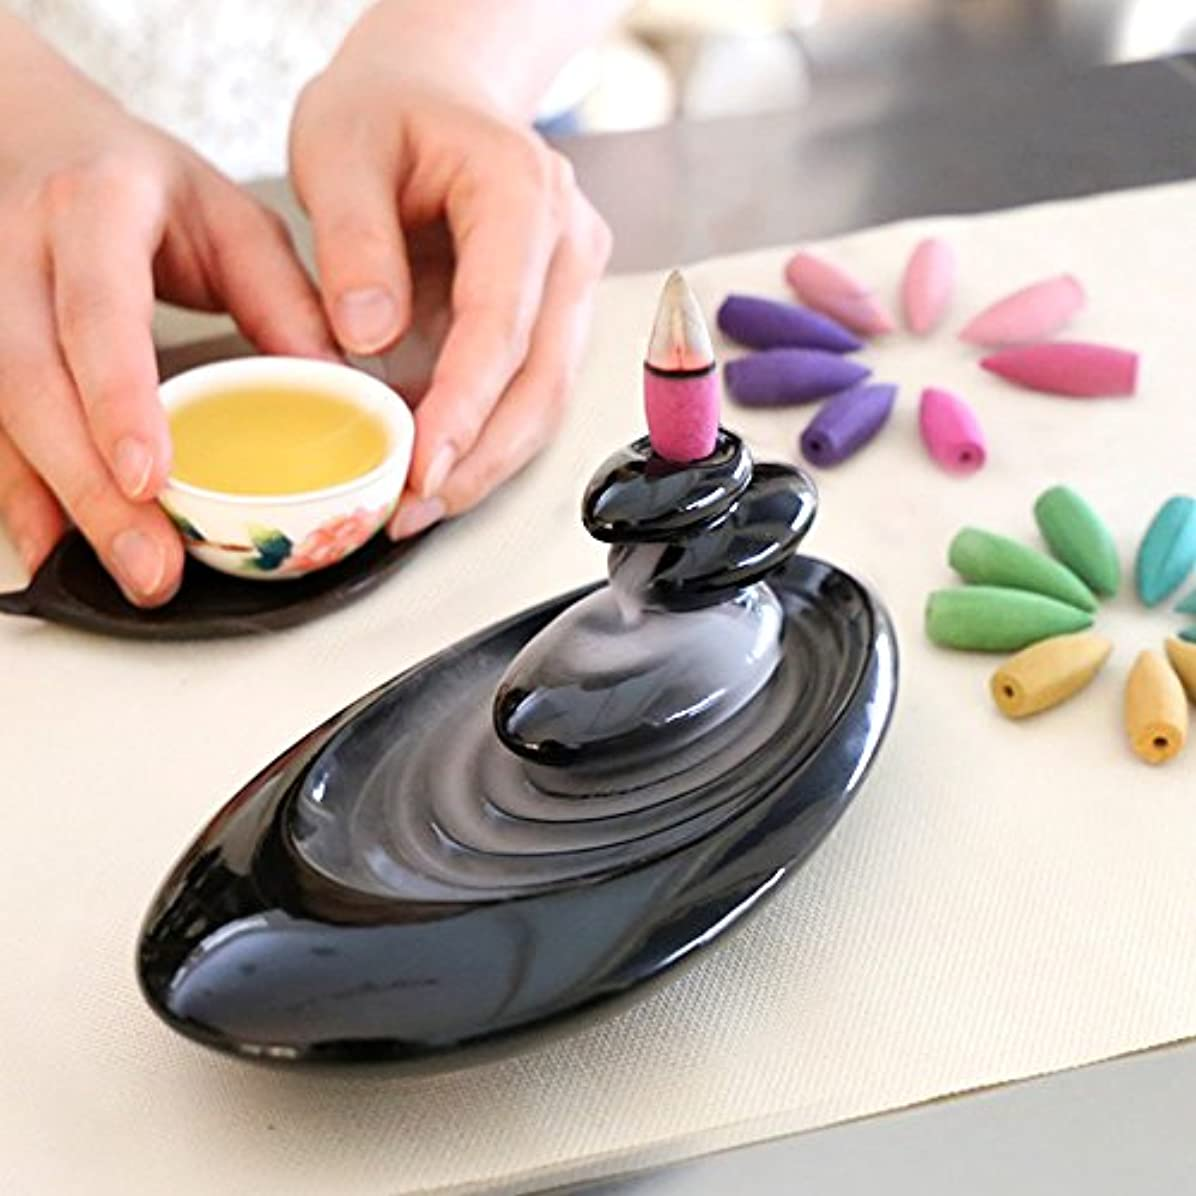 マーティンルーサーキングジュニア討論熟達した倒流香 香炉 シンプル 6種の香り アロマ香炉 ギフトBOX仕様 アロマインセンス 逆流香 誕生日 プレゼント (誕生日カード)